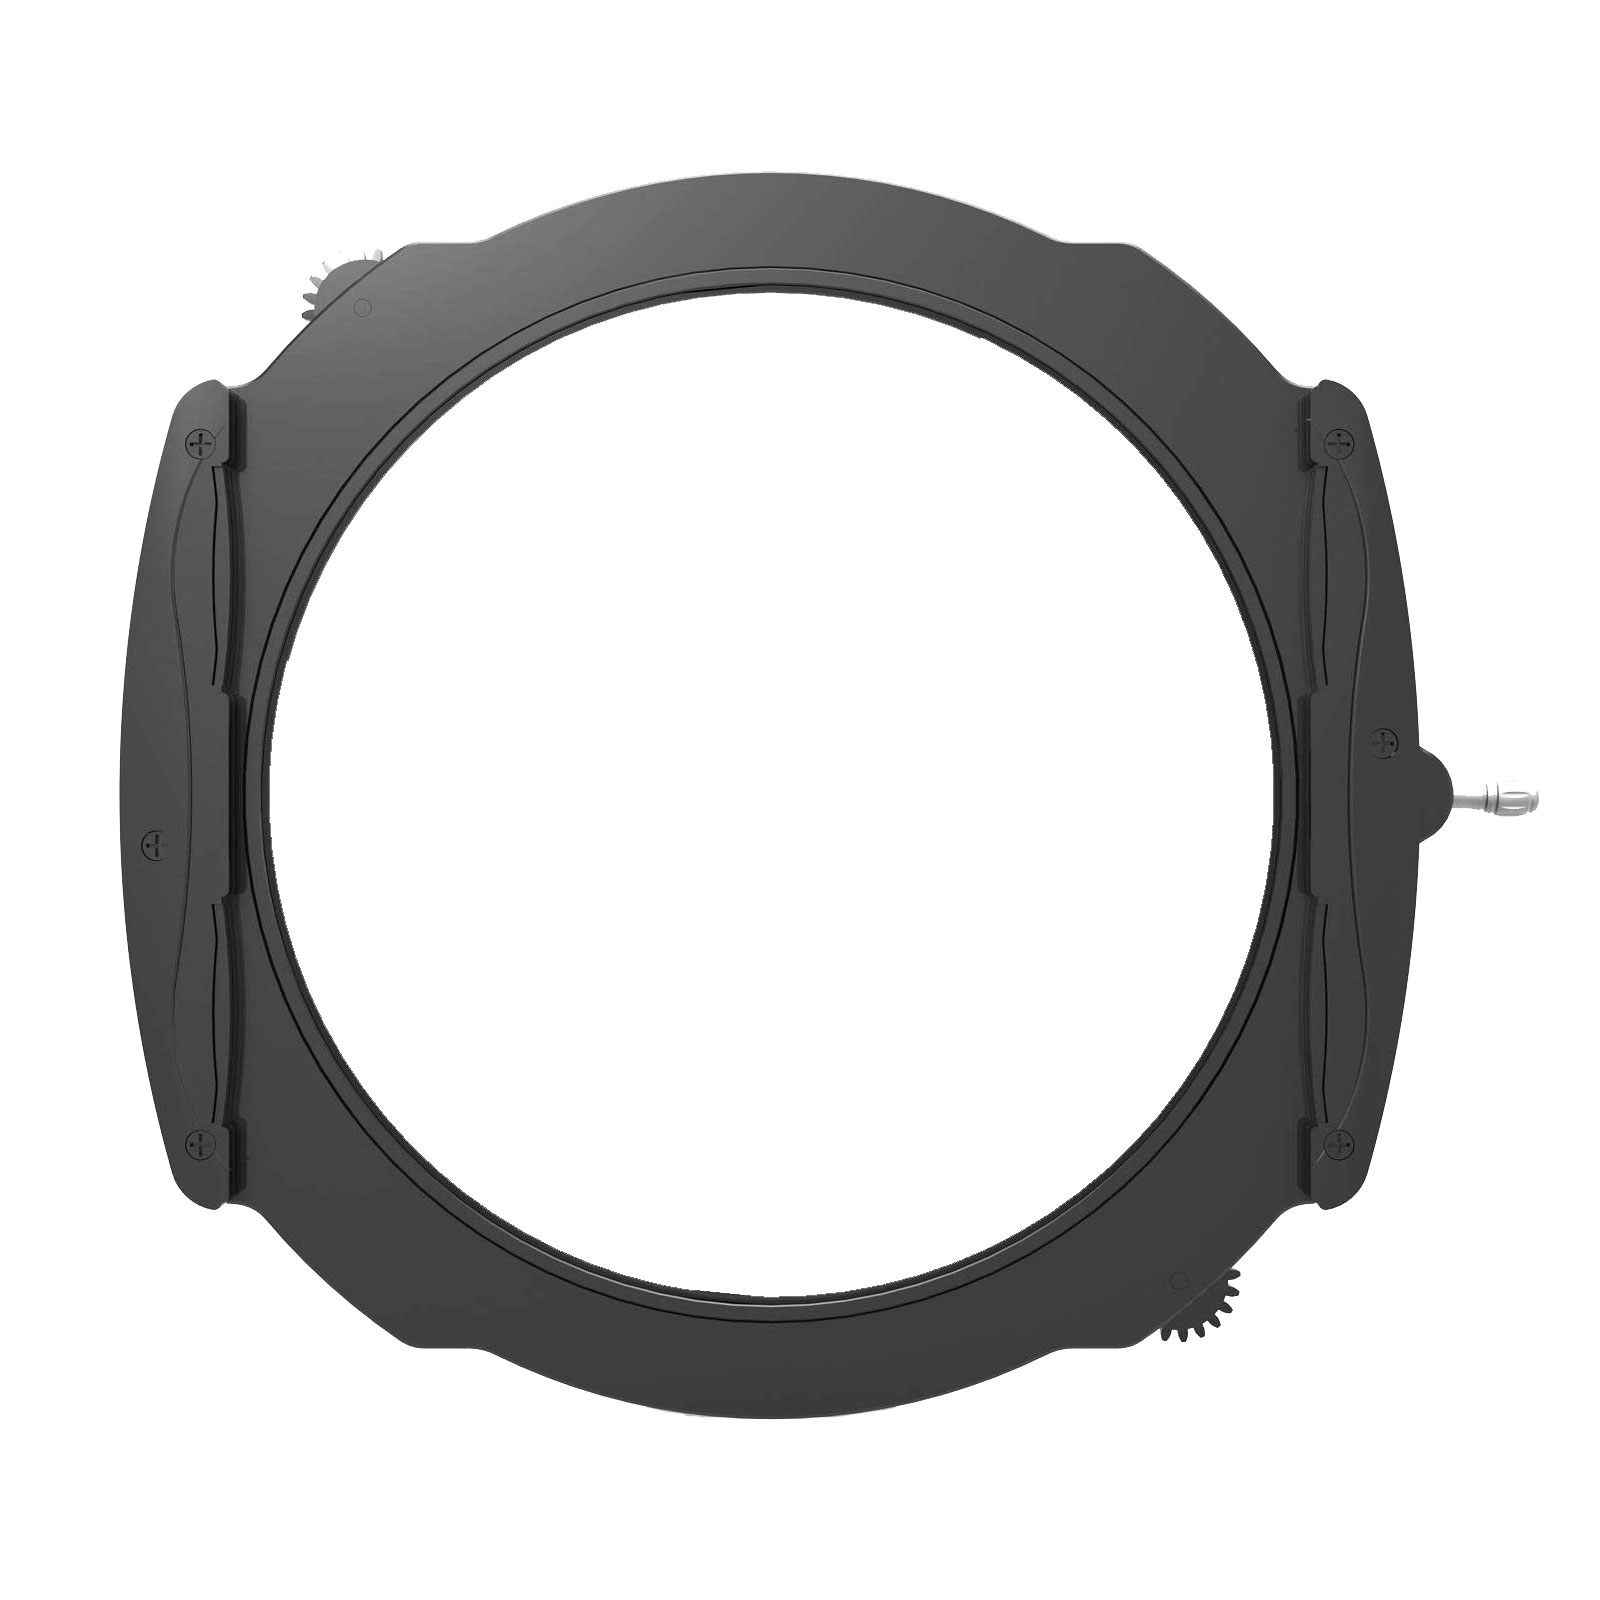 M15-Filter-Holder-Only